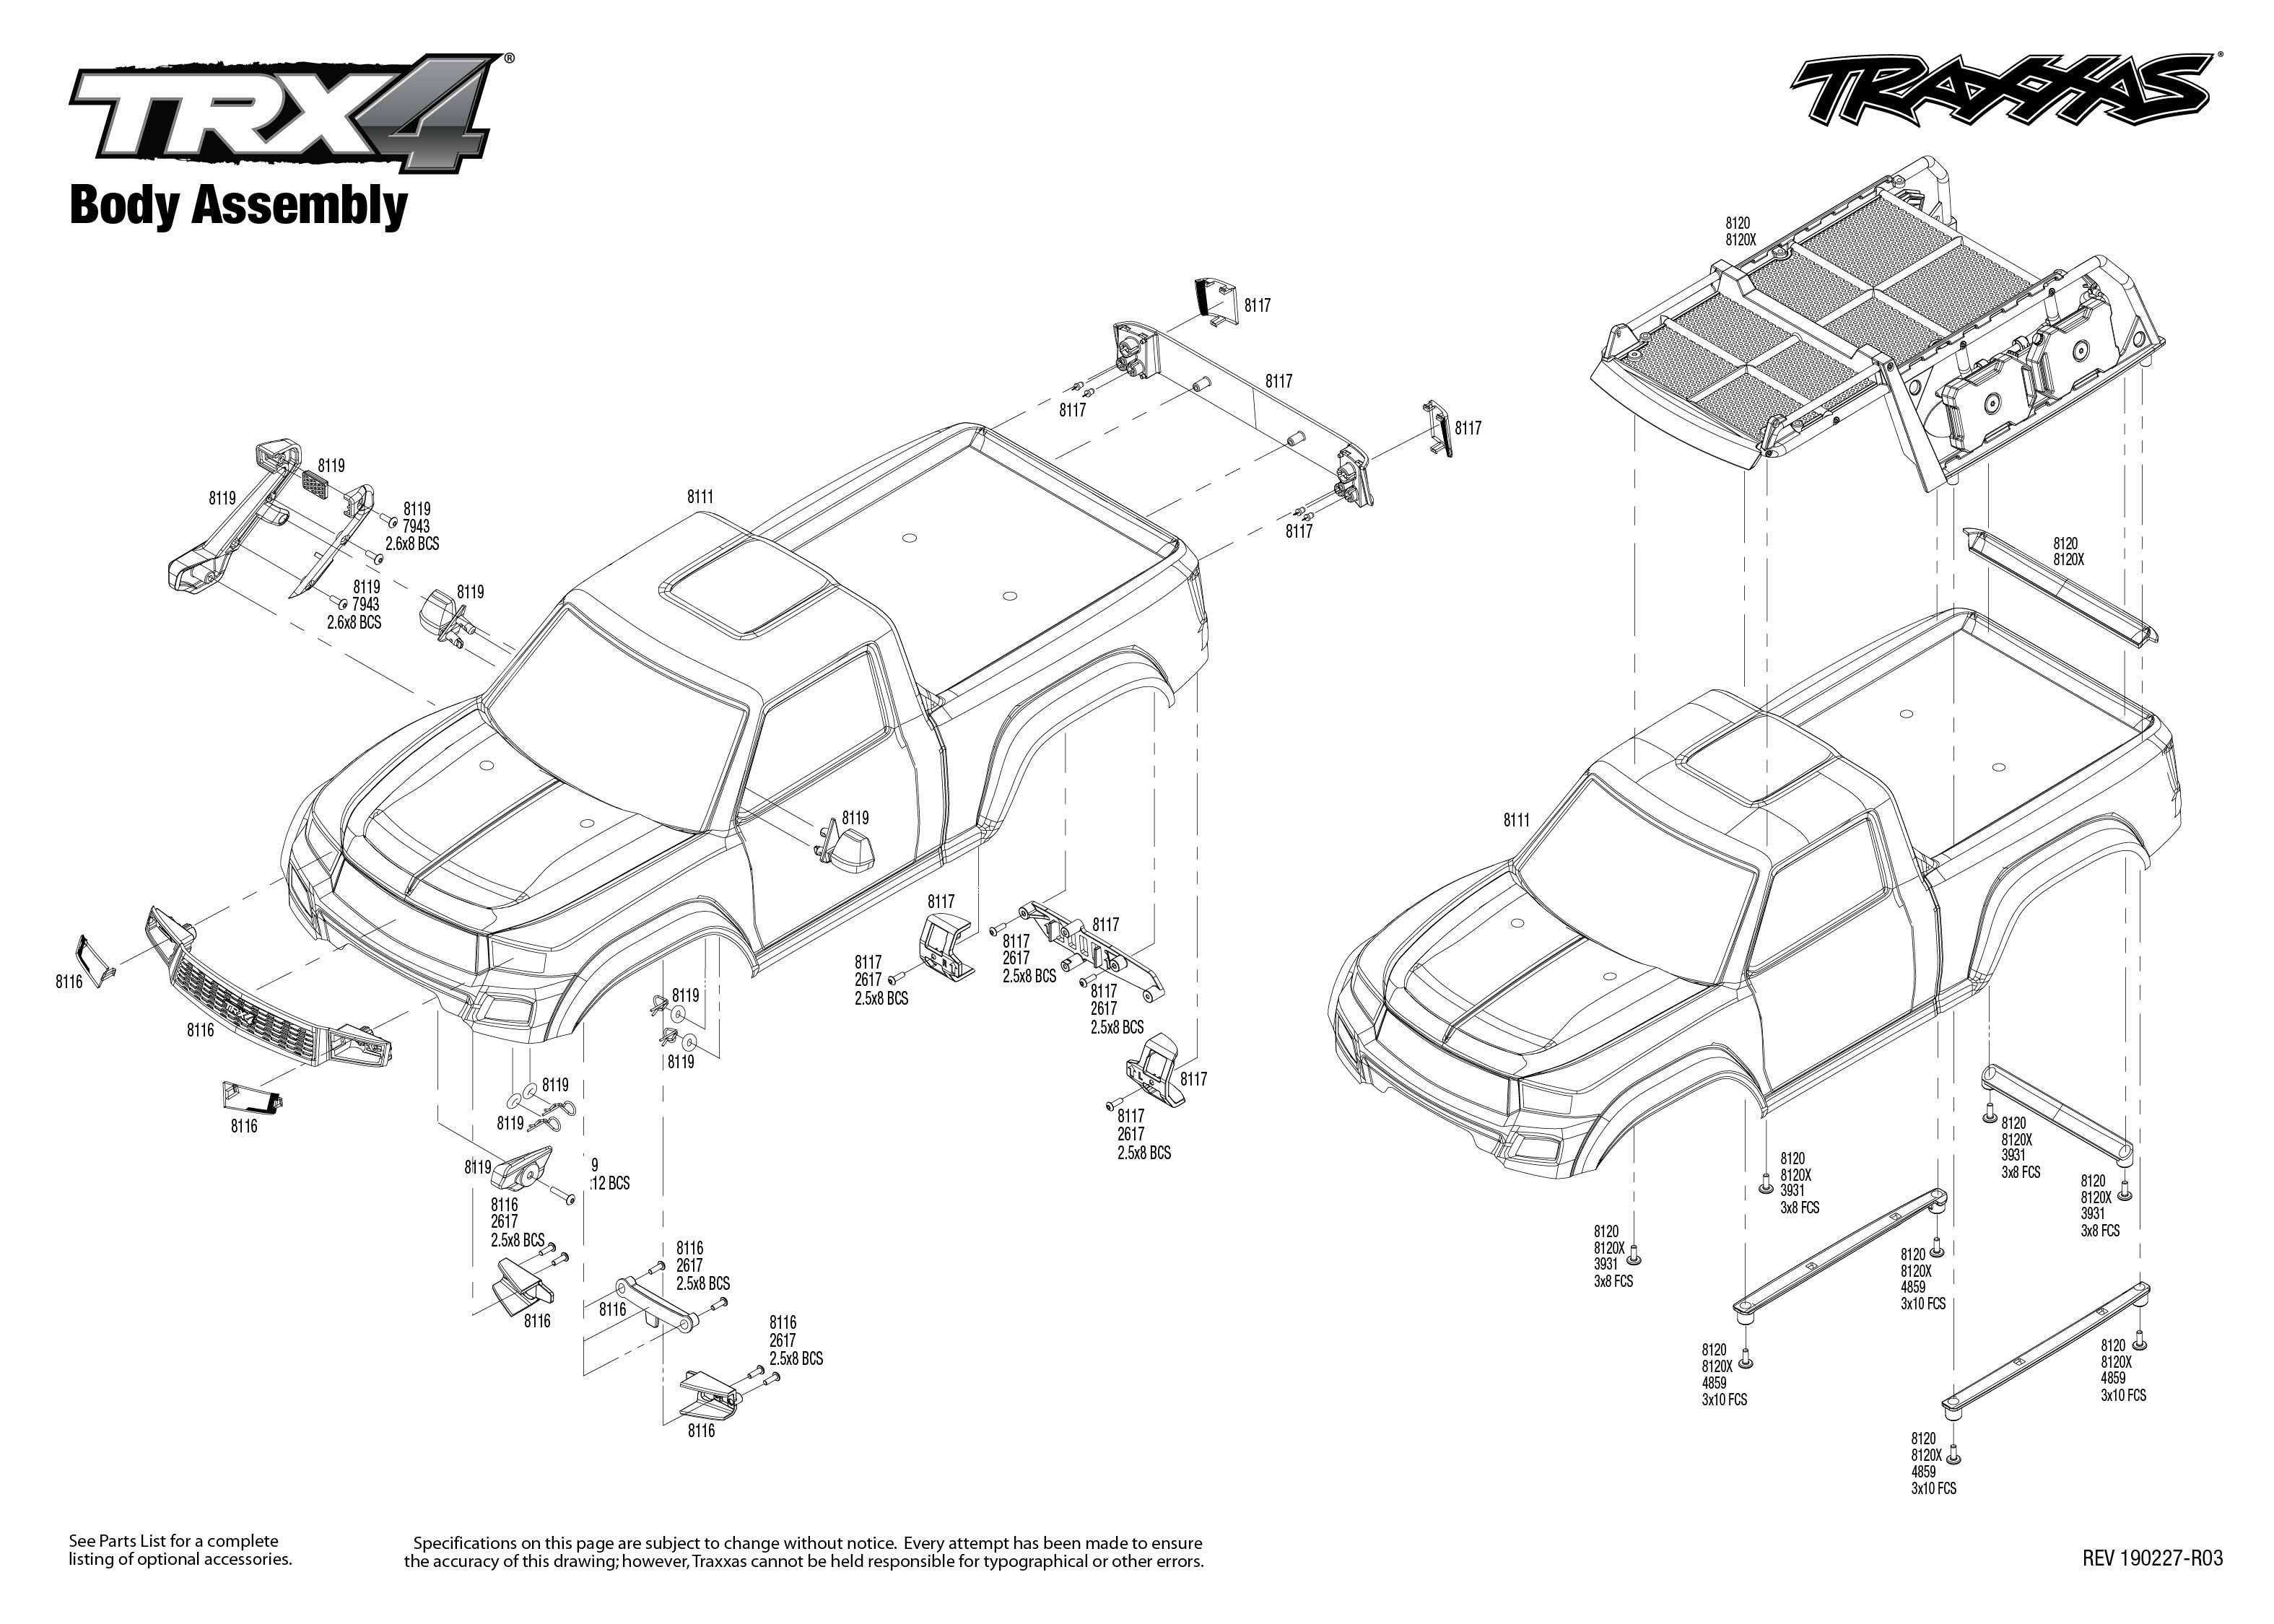 exploded view traxxas trx 4 sport 1 10 kit body [ 3150 x 2250 Pixel ]